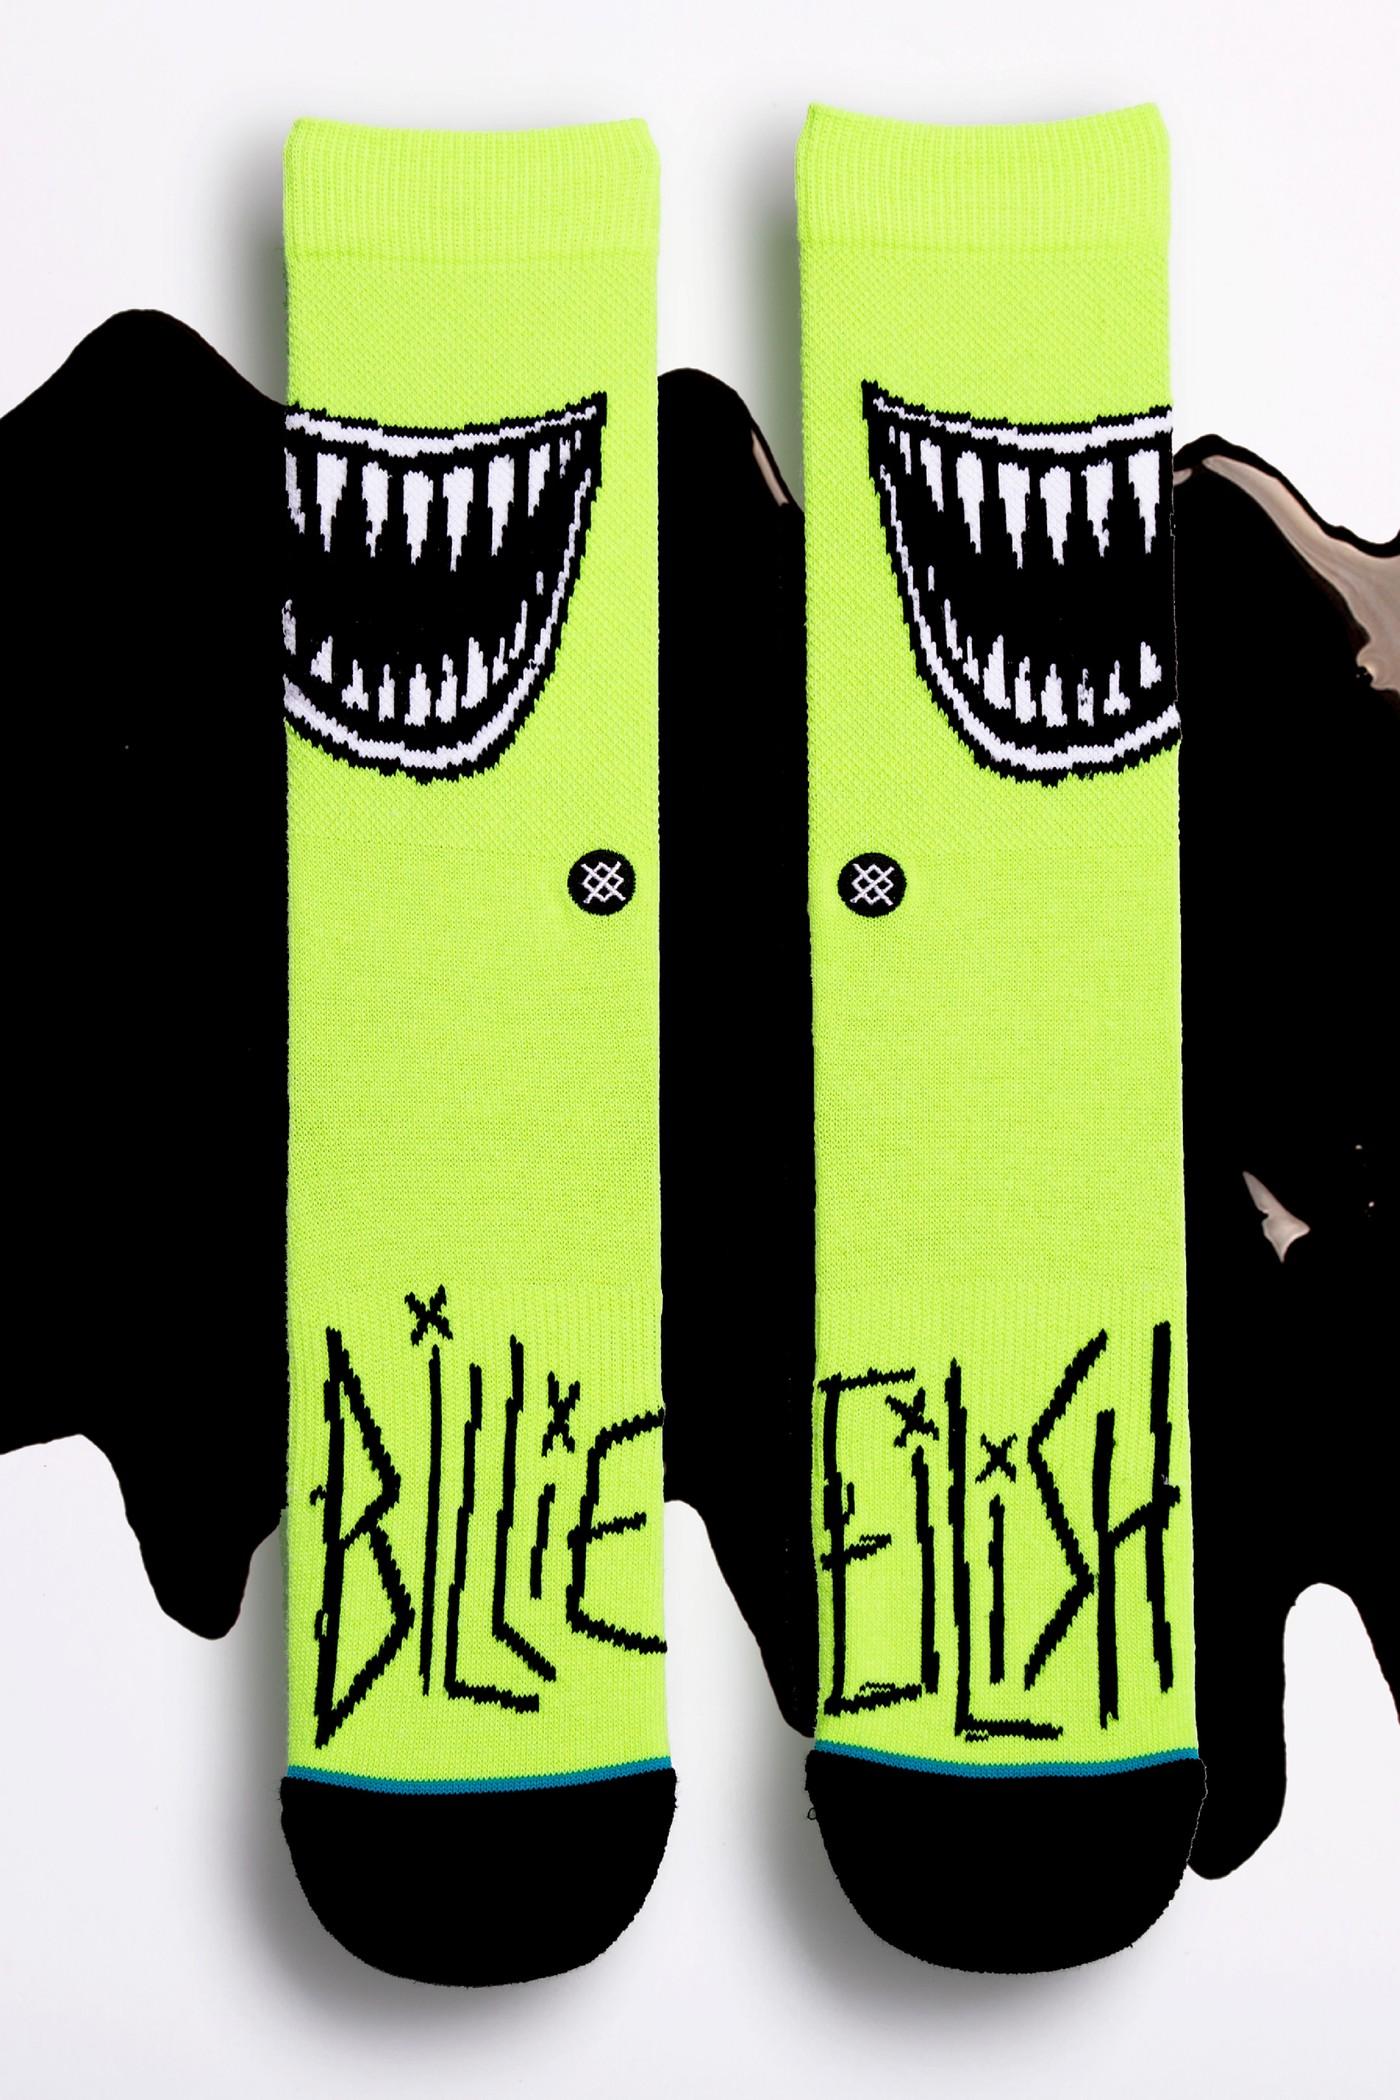 Billie Eilish x Stance. Fotografía: Stance